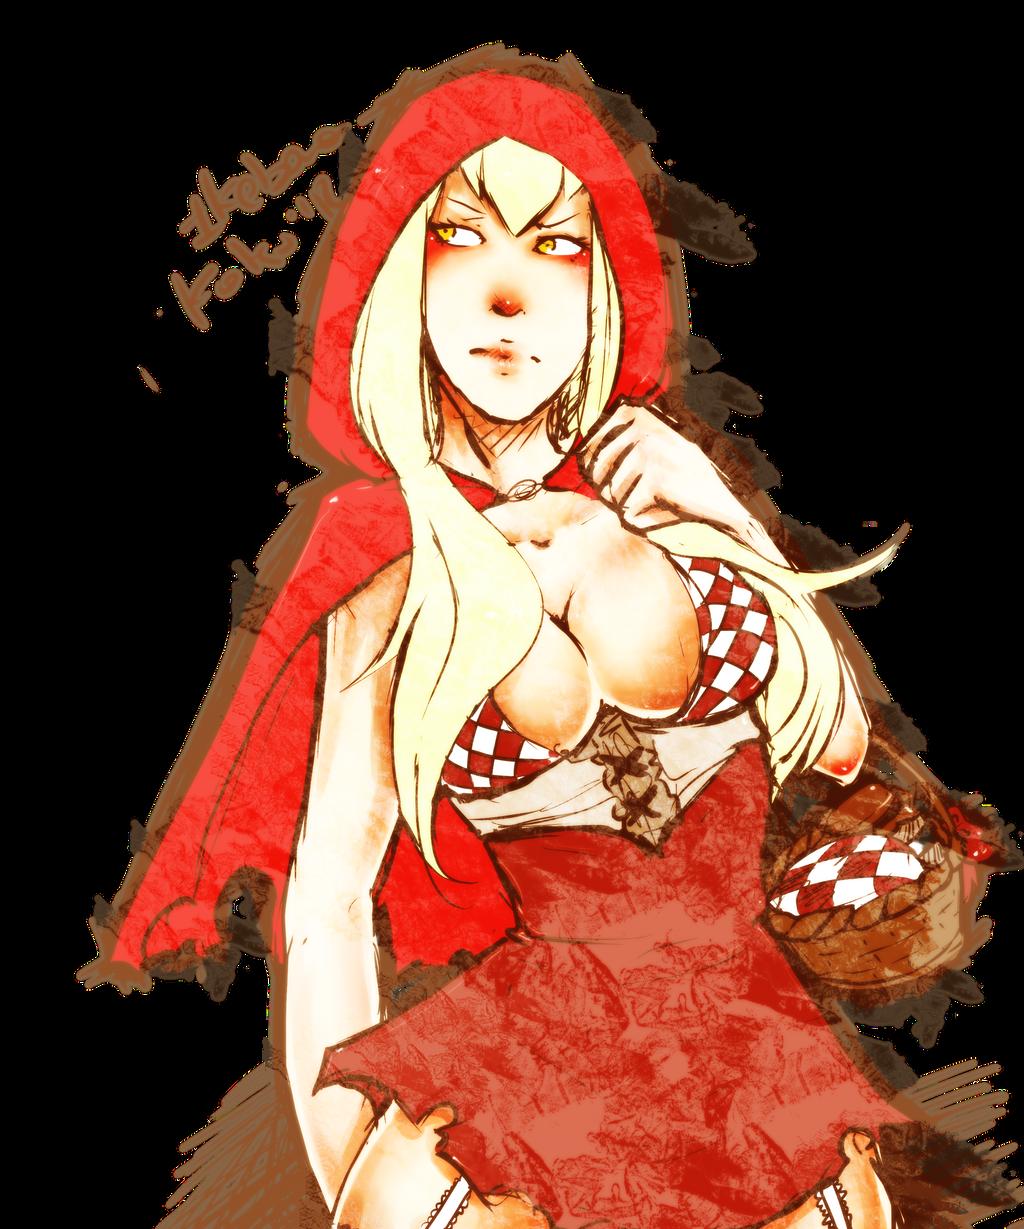 Redhood by IkebanaKatsu